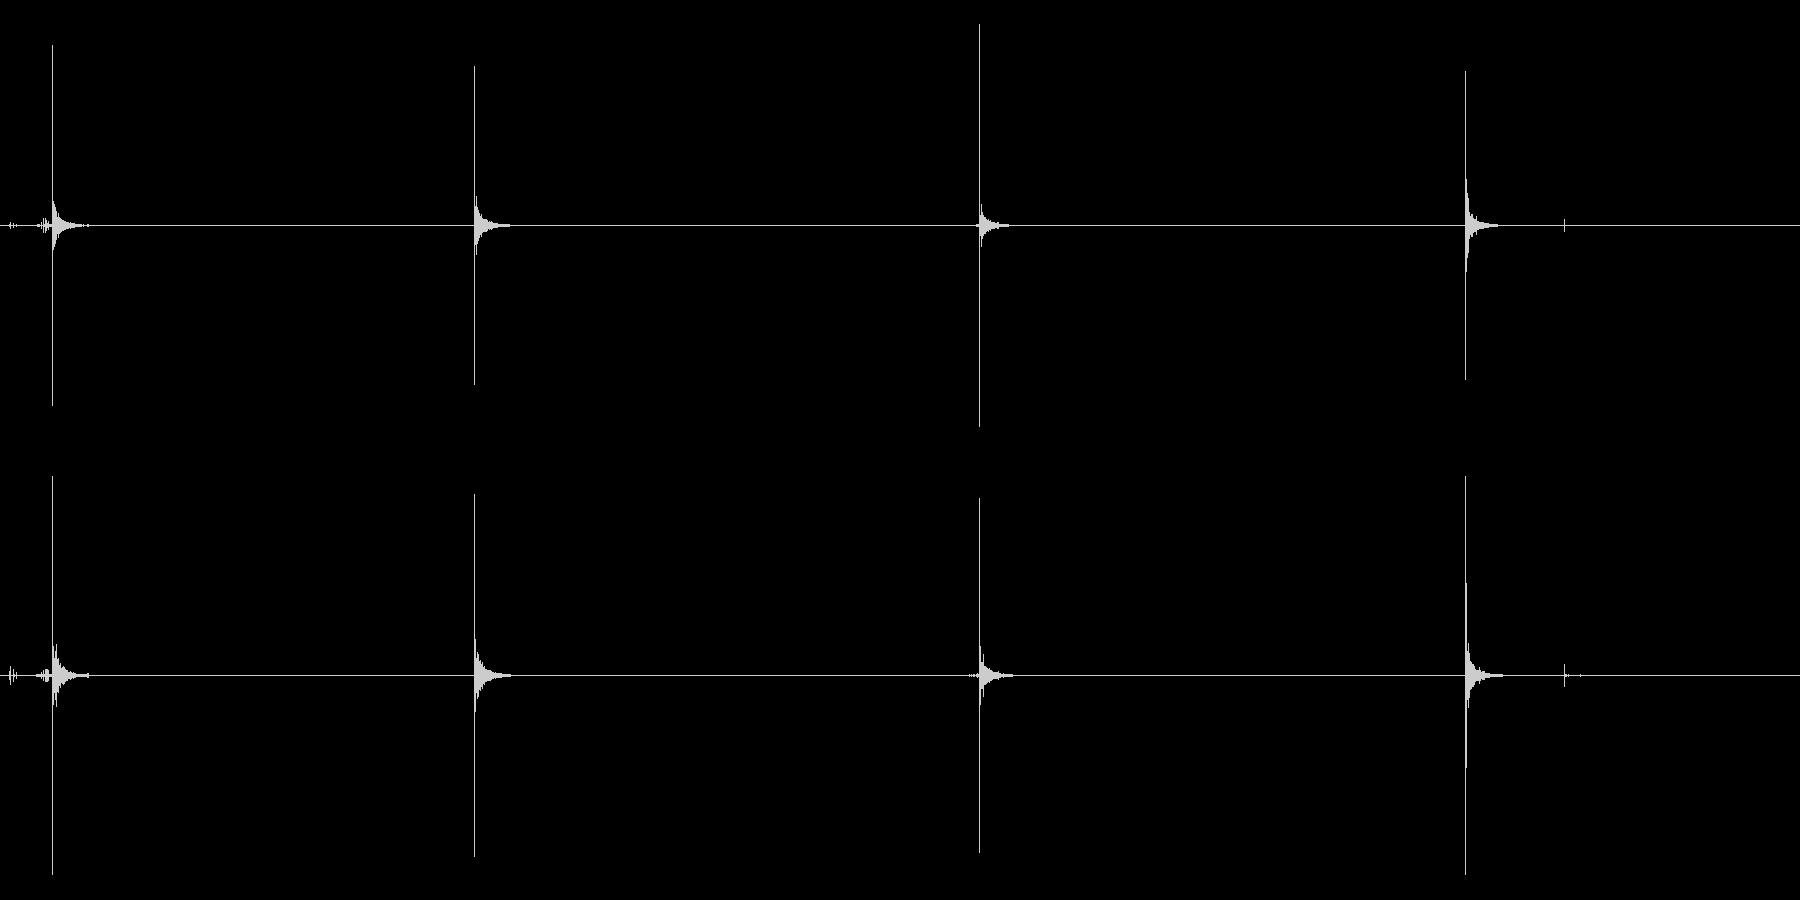 [バイノーラル]爪を切る音03(4回)の未再生の波形